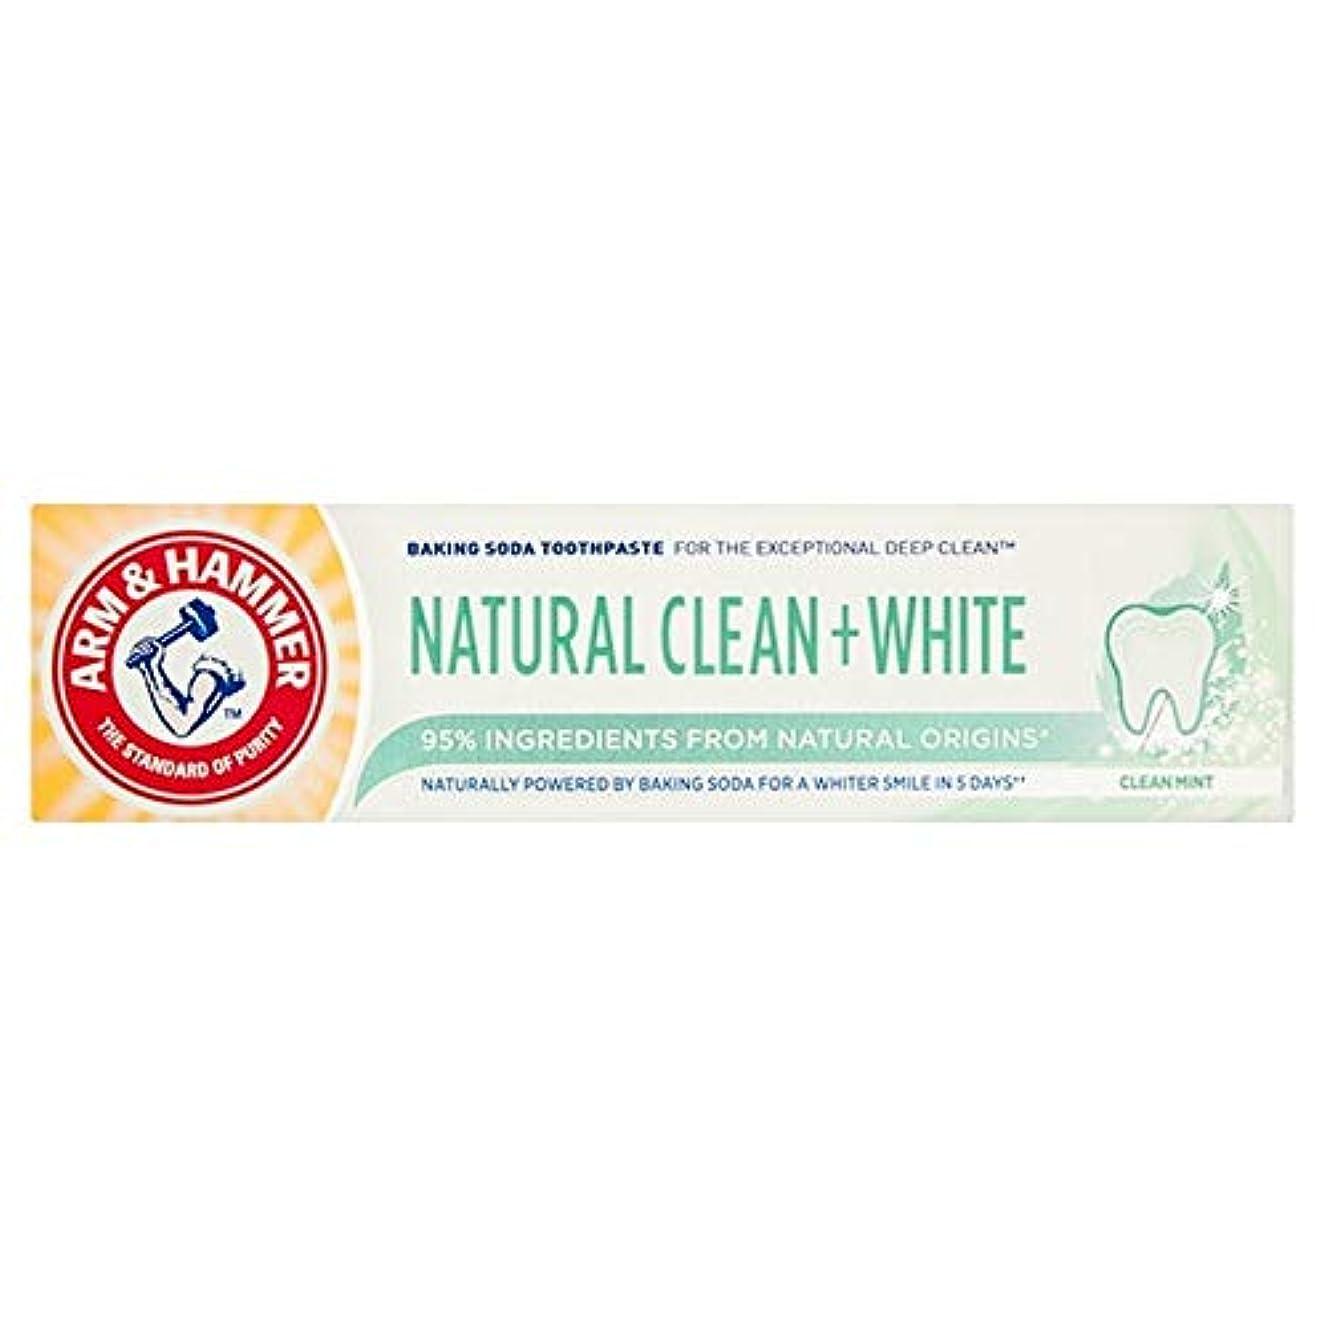 間違えた成功したフェードアウト[Arm & Hammer ] アーム&ハンマーナチュラルクリーン+白75ミリリットル - Arm & Hammer Natural Clean + White 75ml [並行輸入品]